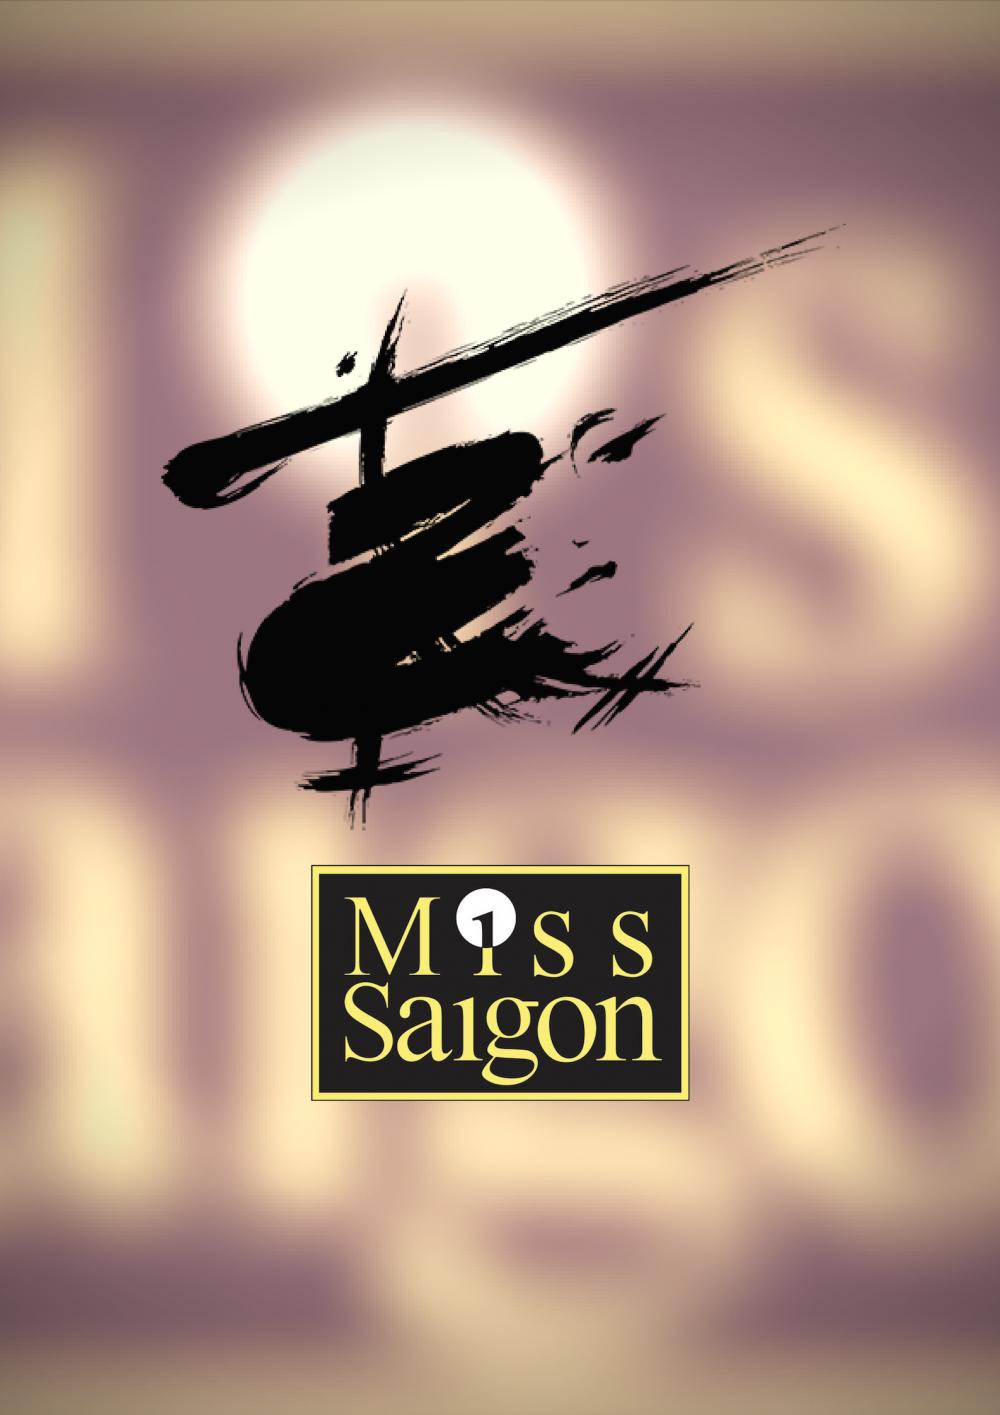 Spektakl - MISS SAIGON